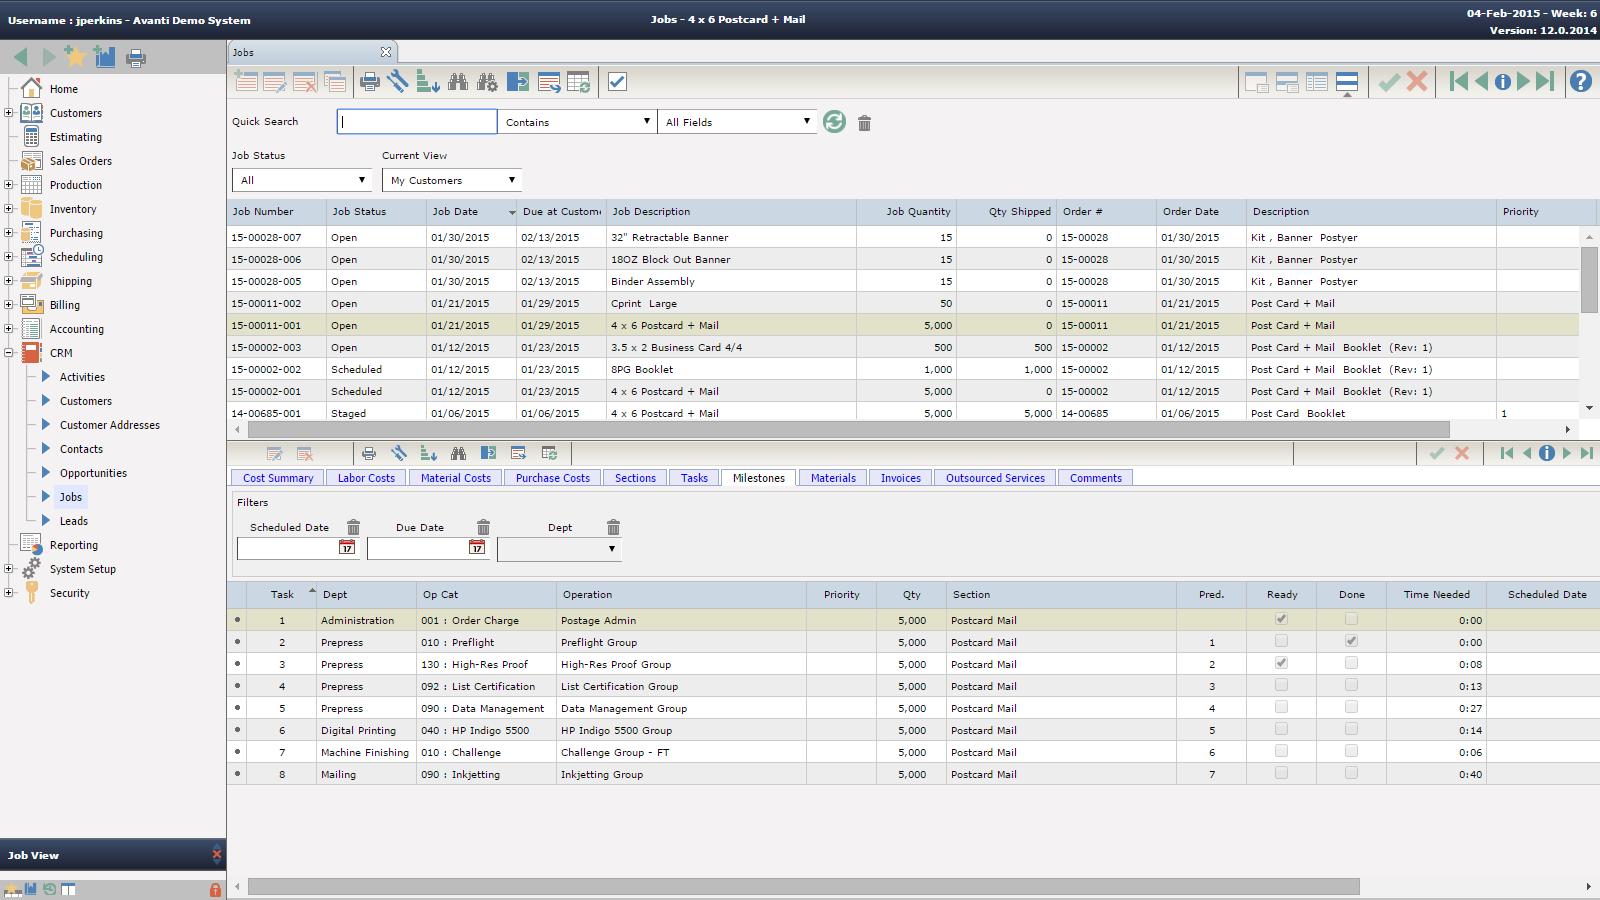 CRM Jobs - Print MIS Software